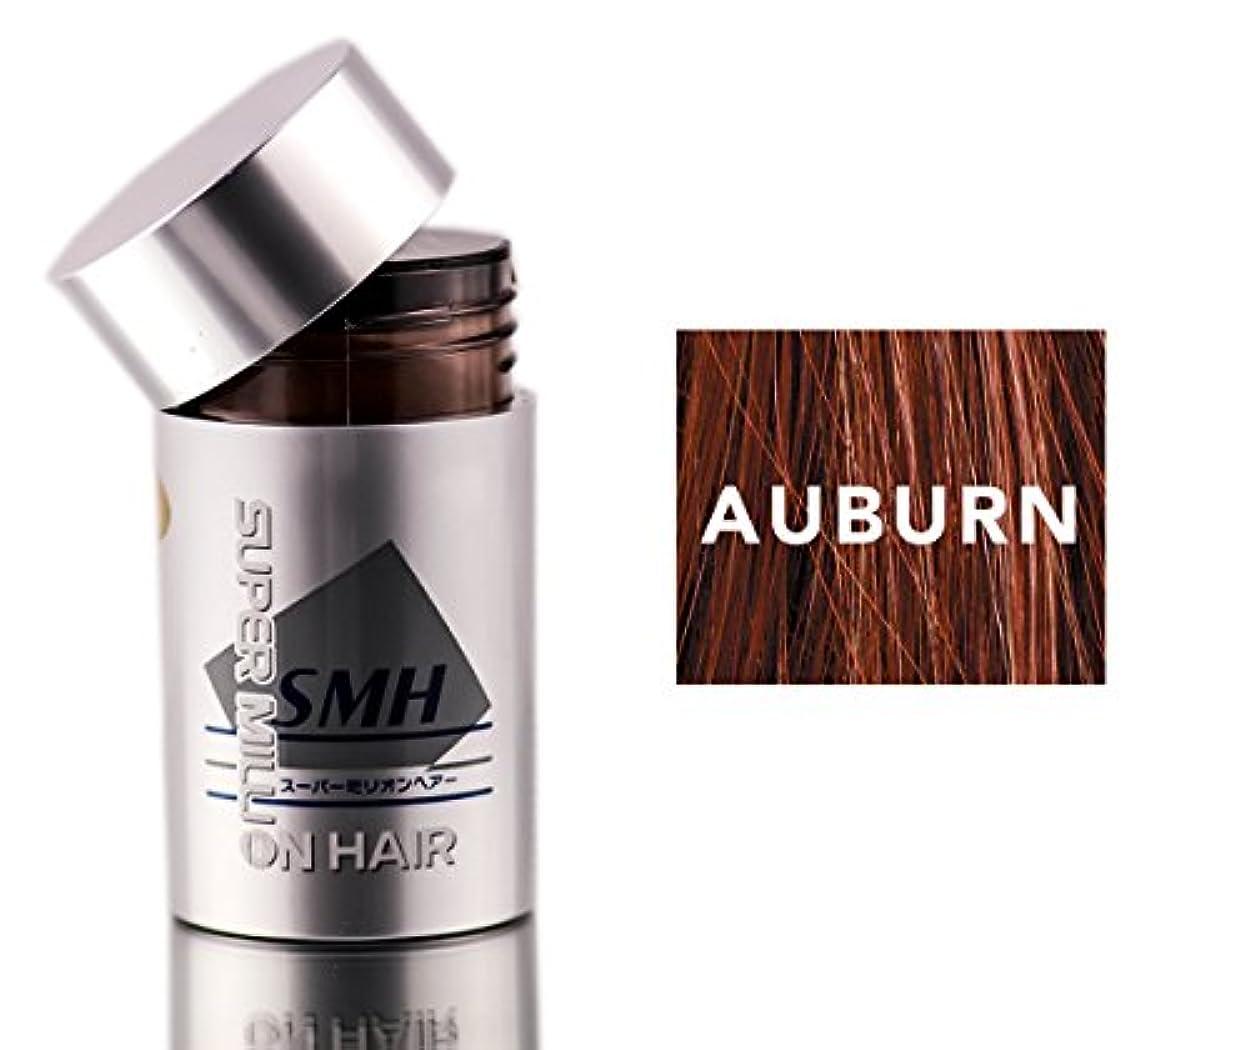 完璧な極地見分けるSuper Million Hair 強化繊維が20gr。 - オーバーン